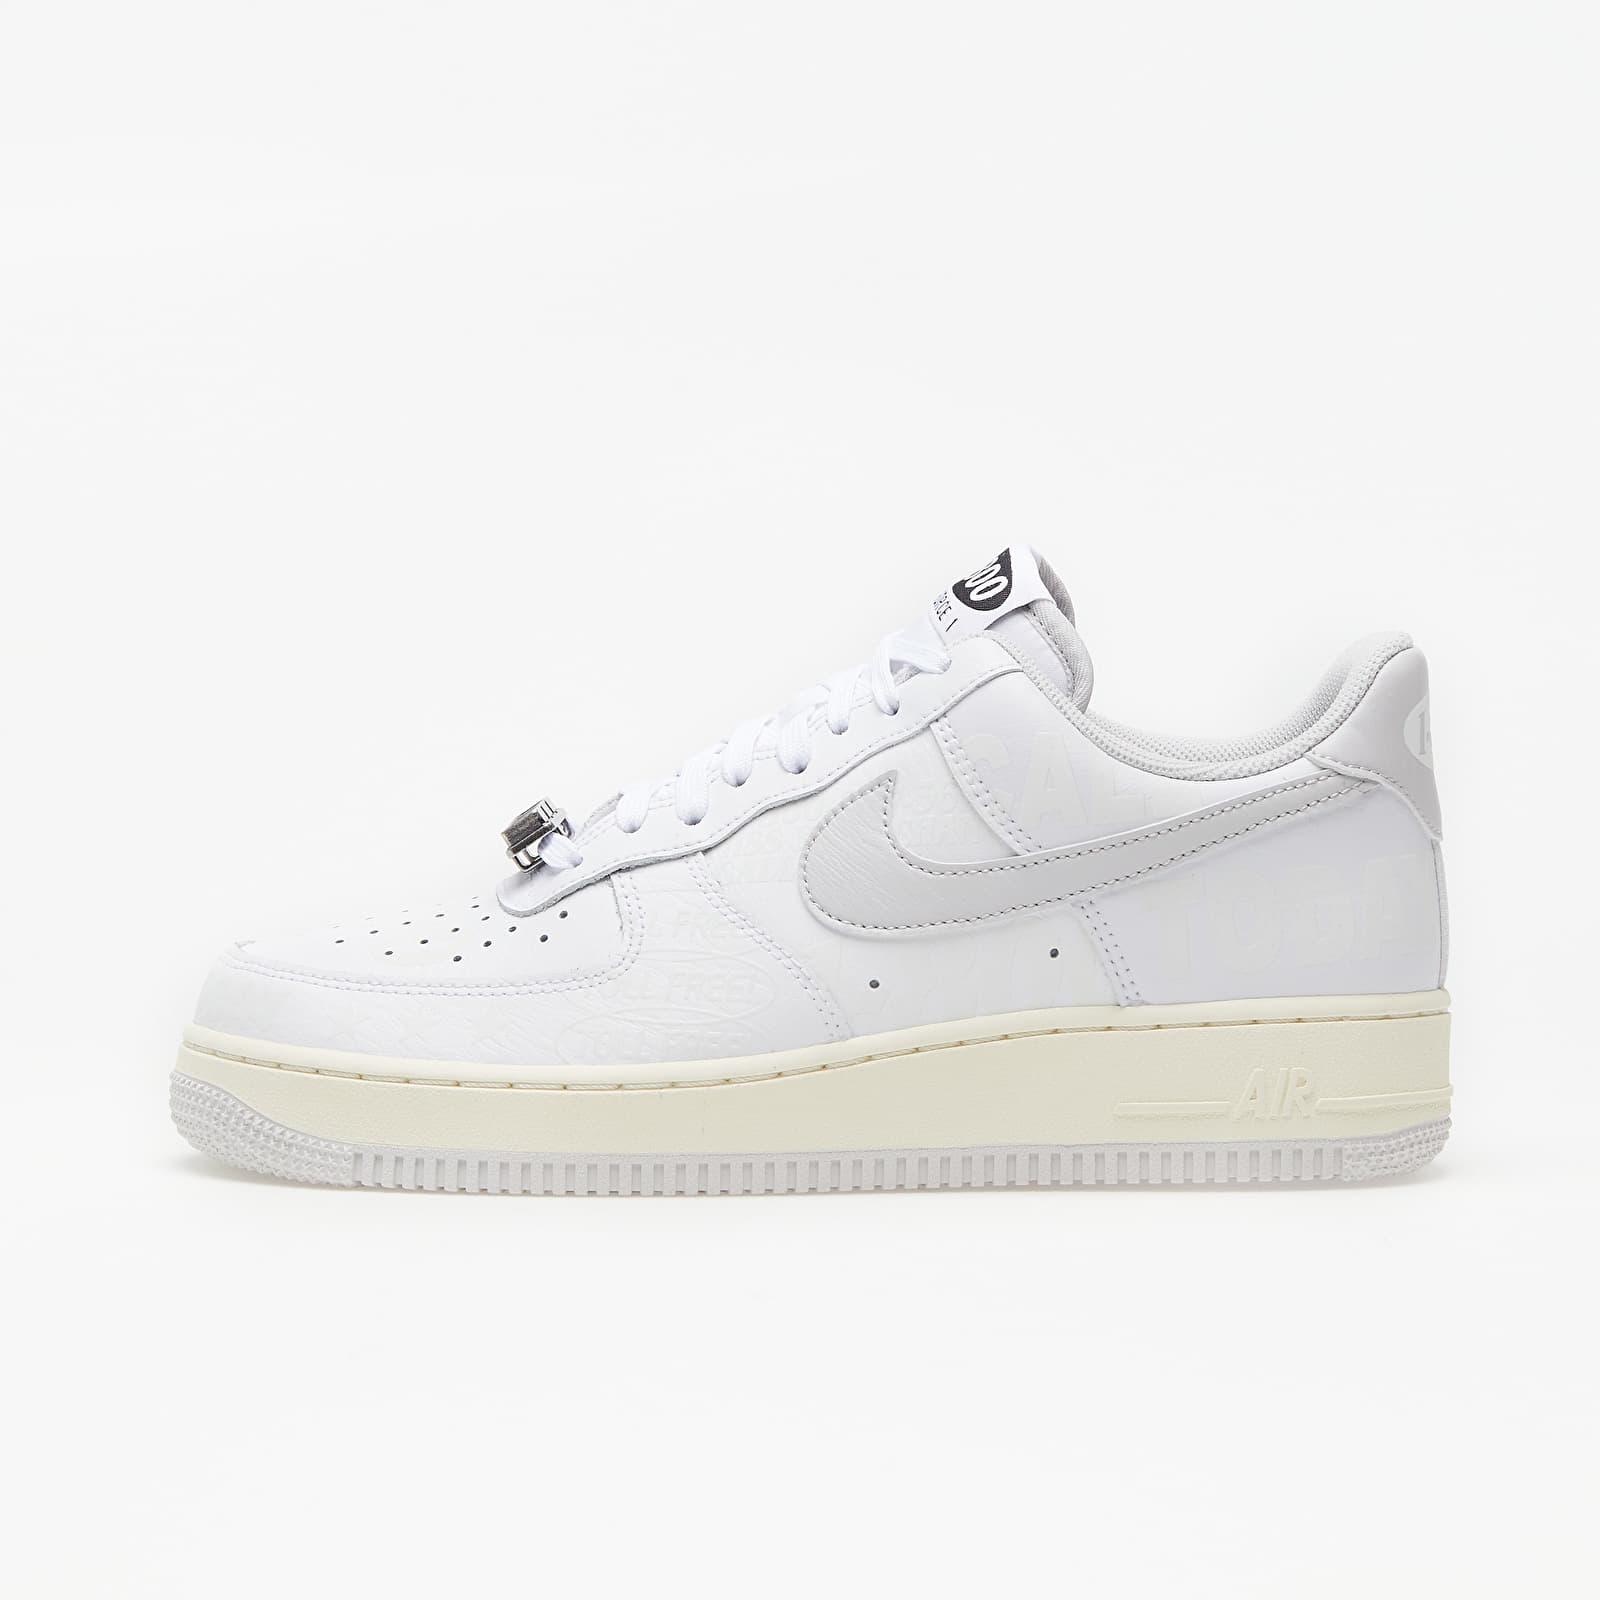 Pánske tenisky a topánky Nike Air Force 1 '07 Premium White/ Vast Grey-Sail-Black